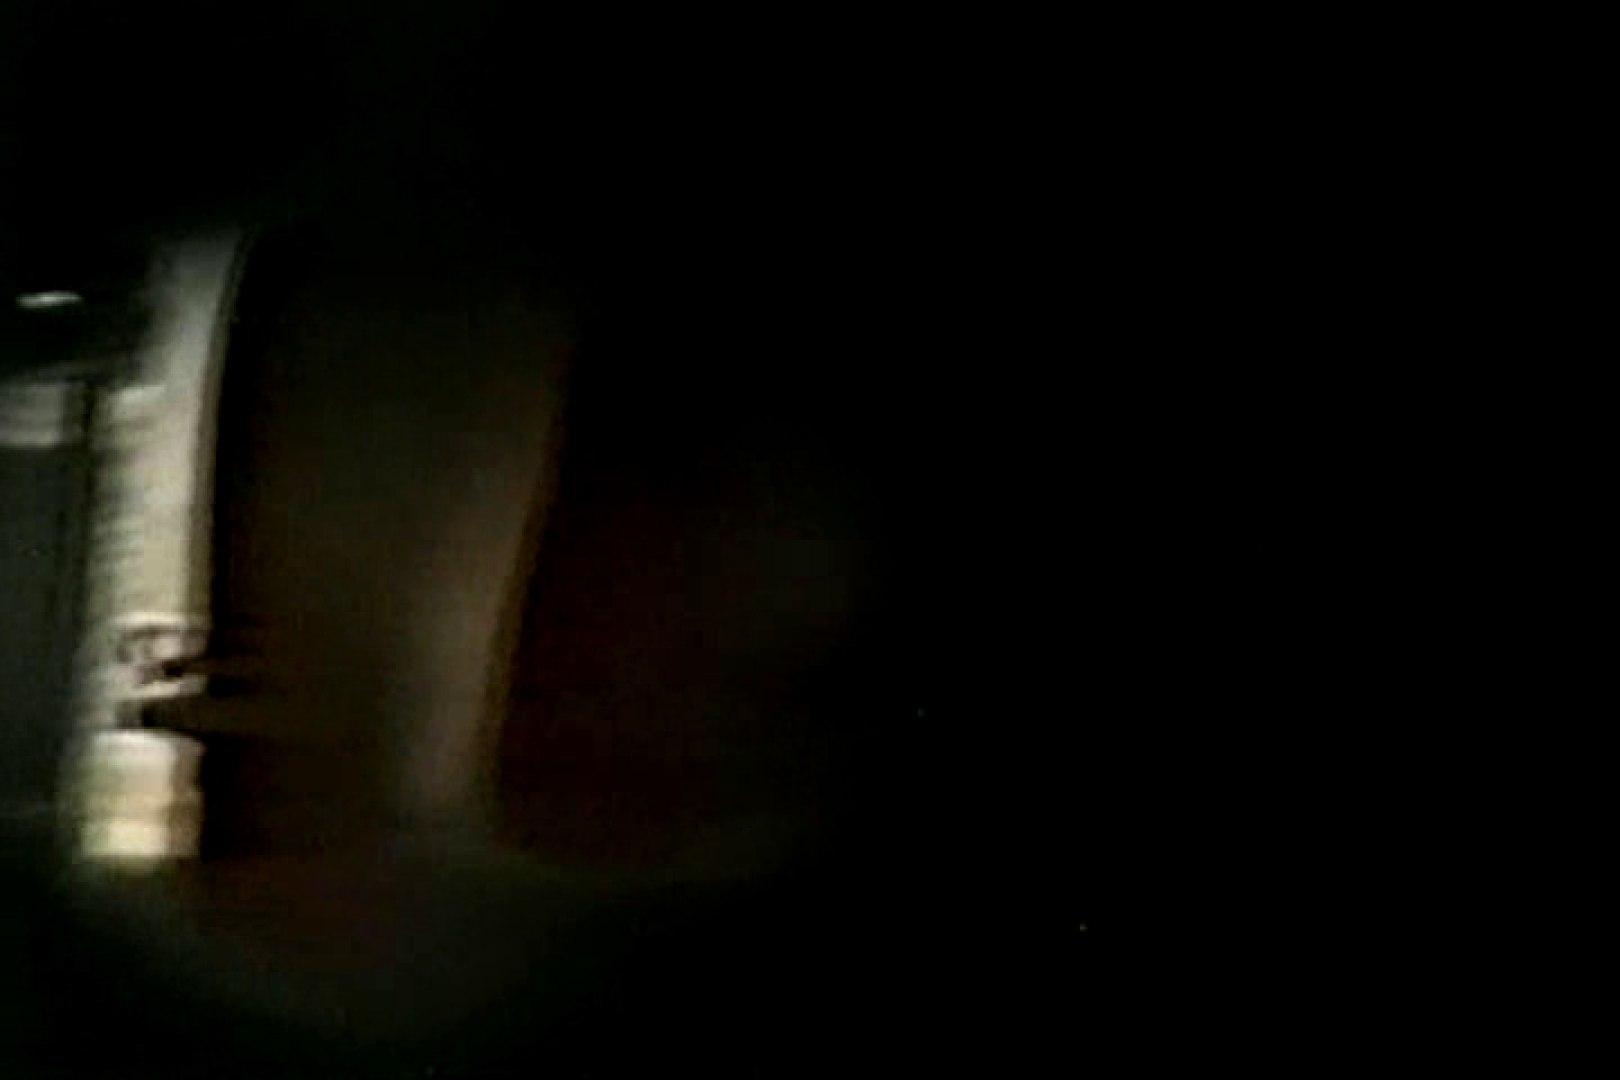 深夜の撮影会Vol.6 企画 オメコ動画キャプチャ 56pic 39